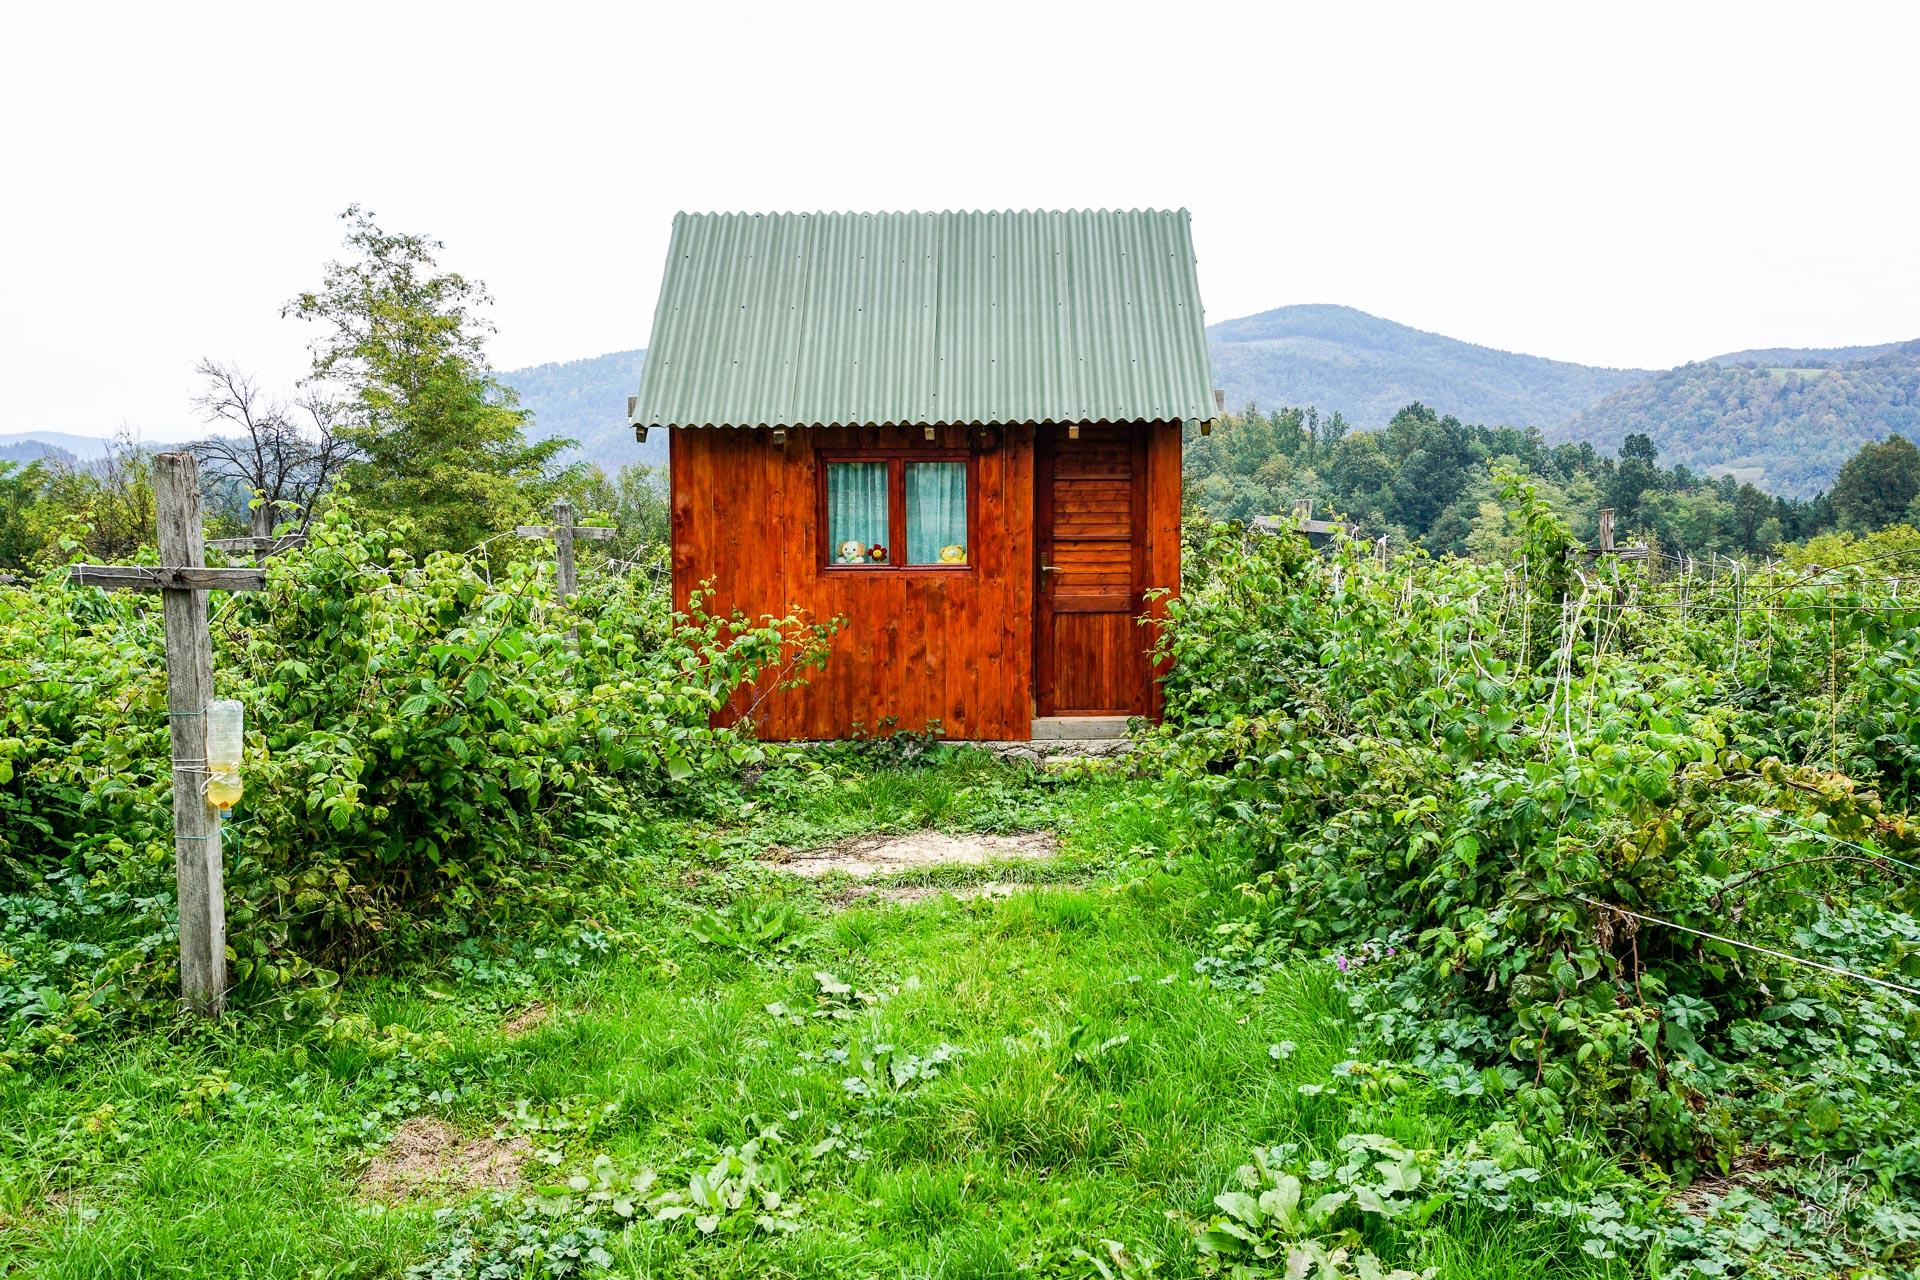 Ali tu je i kućica u vinogradu...